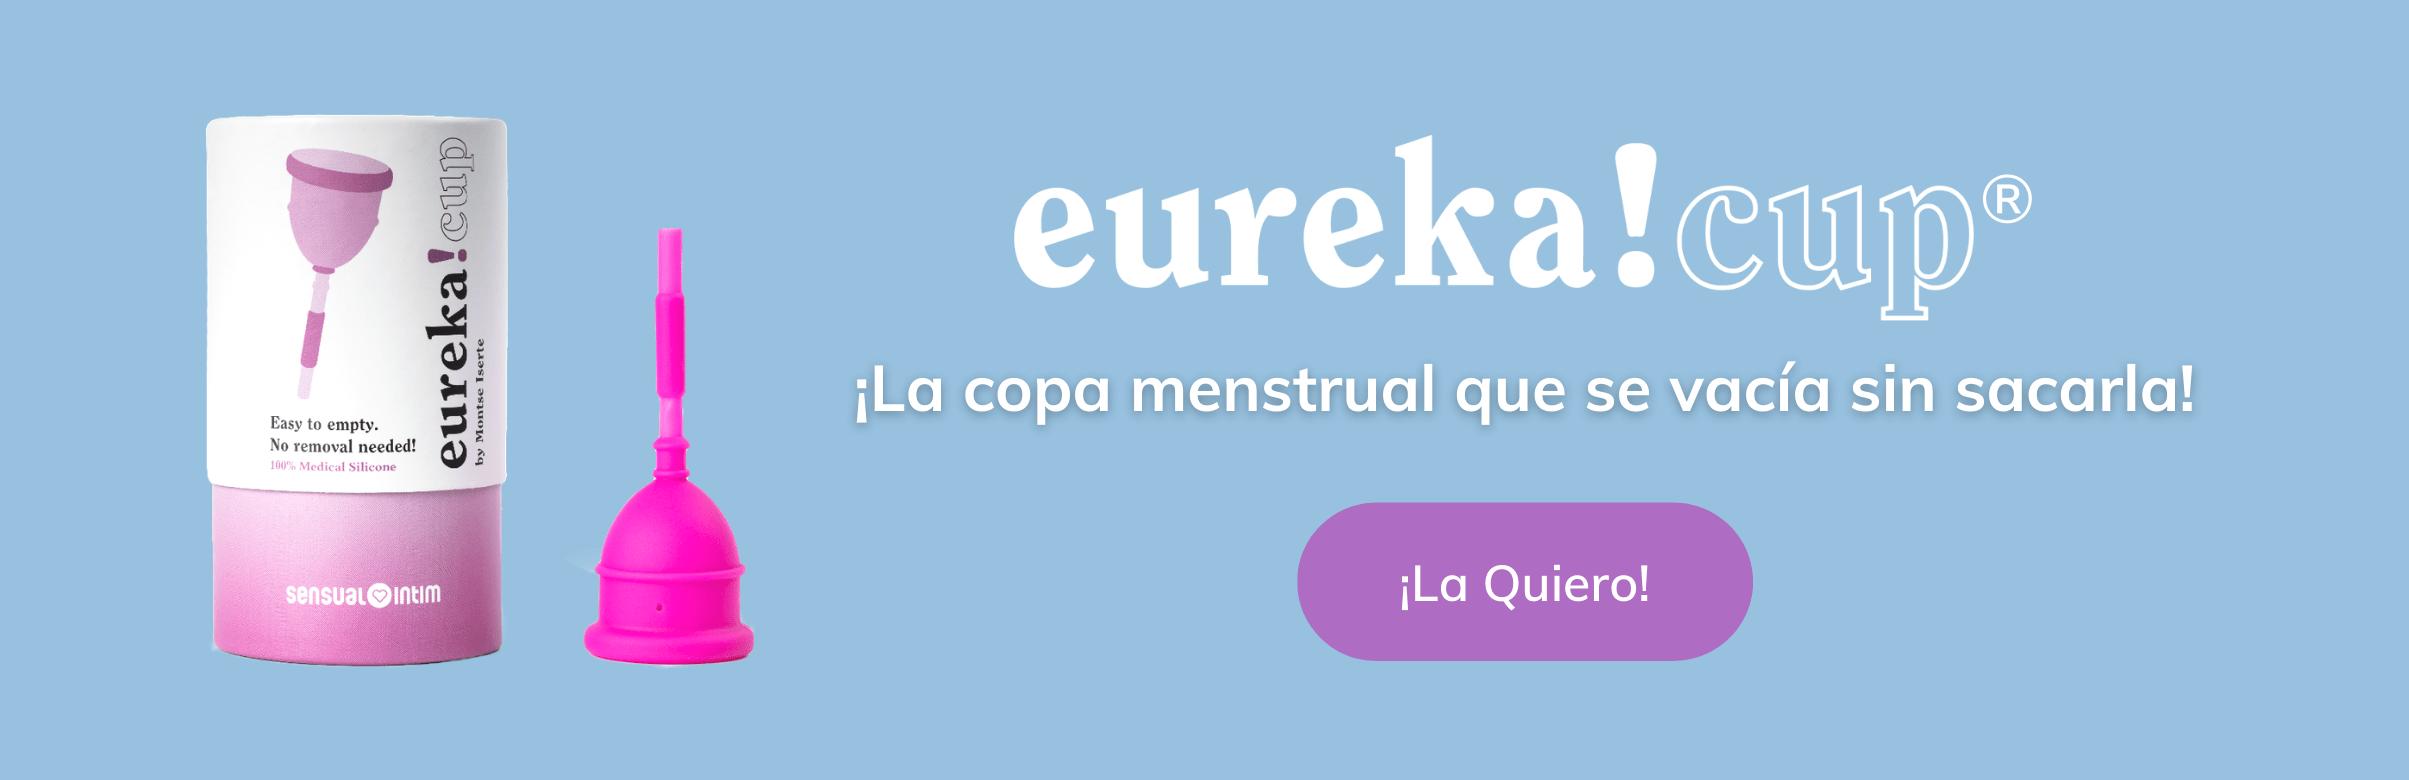 copa menstrual eureka! cup | sensual intim